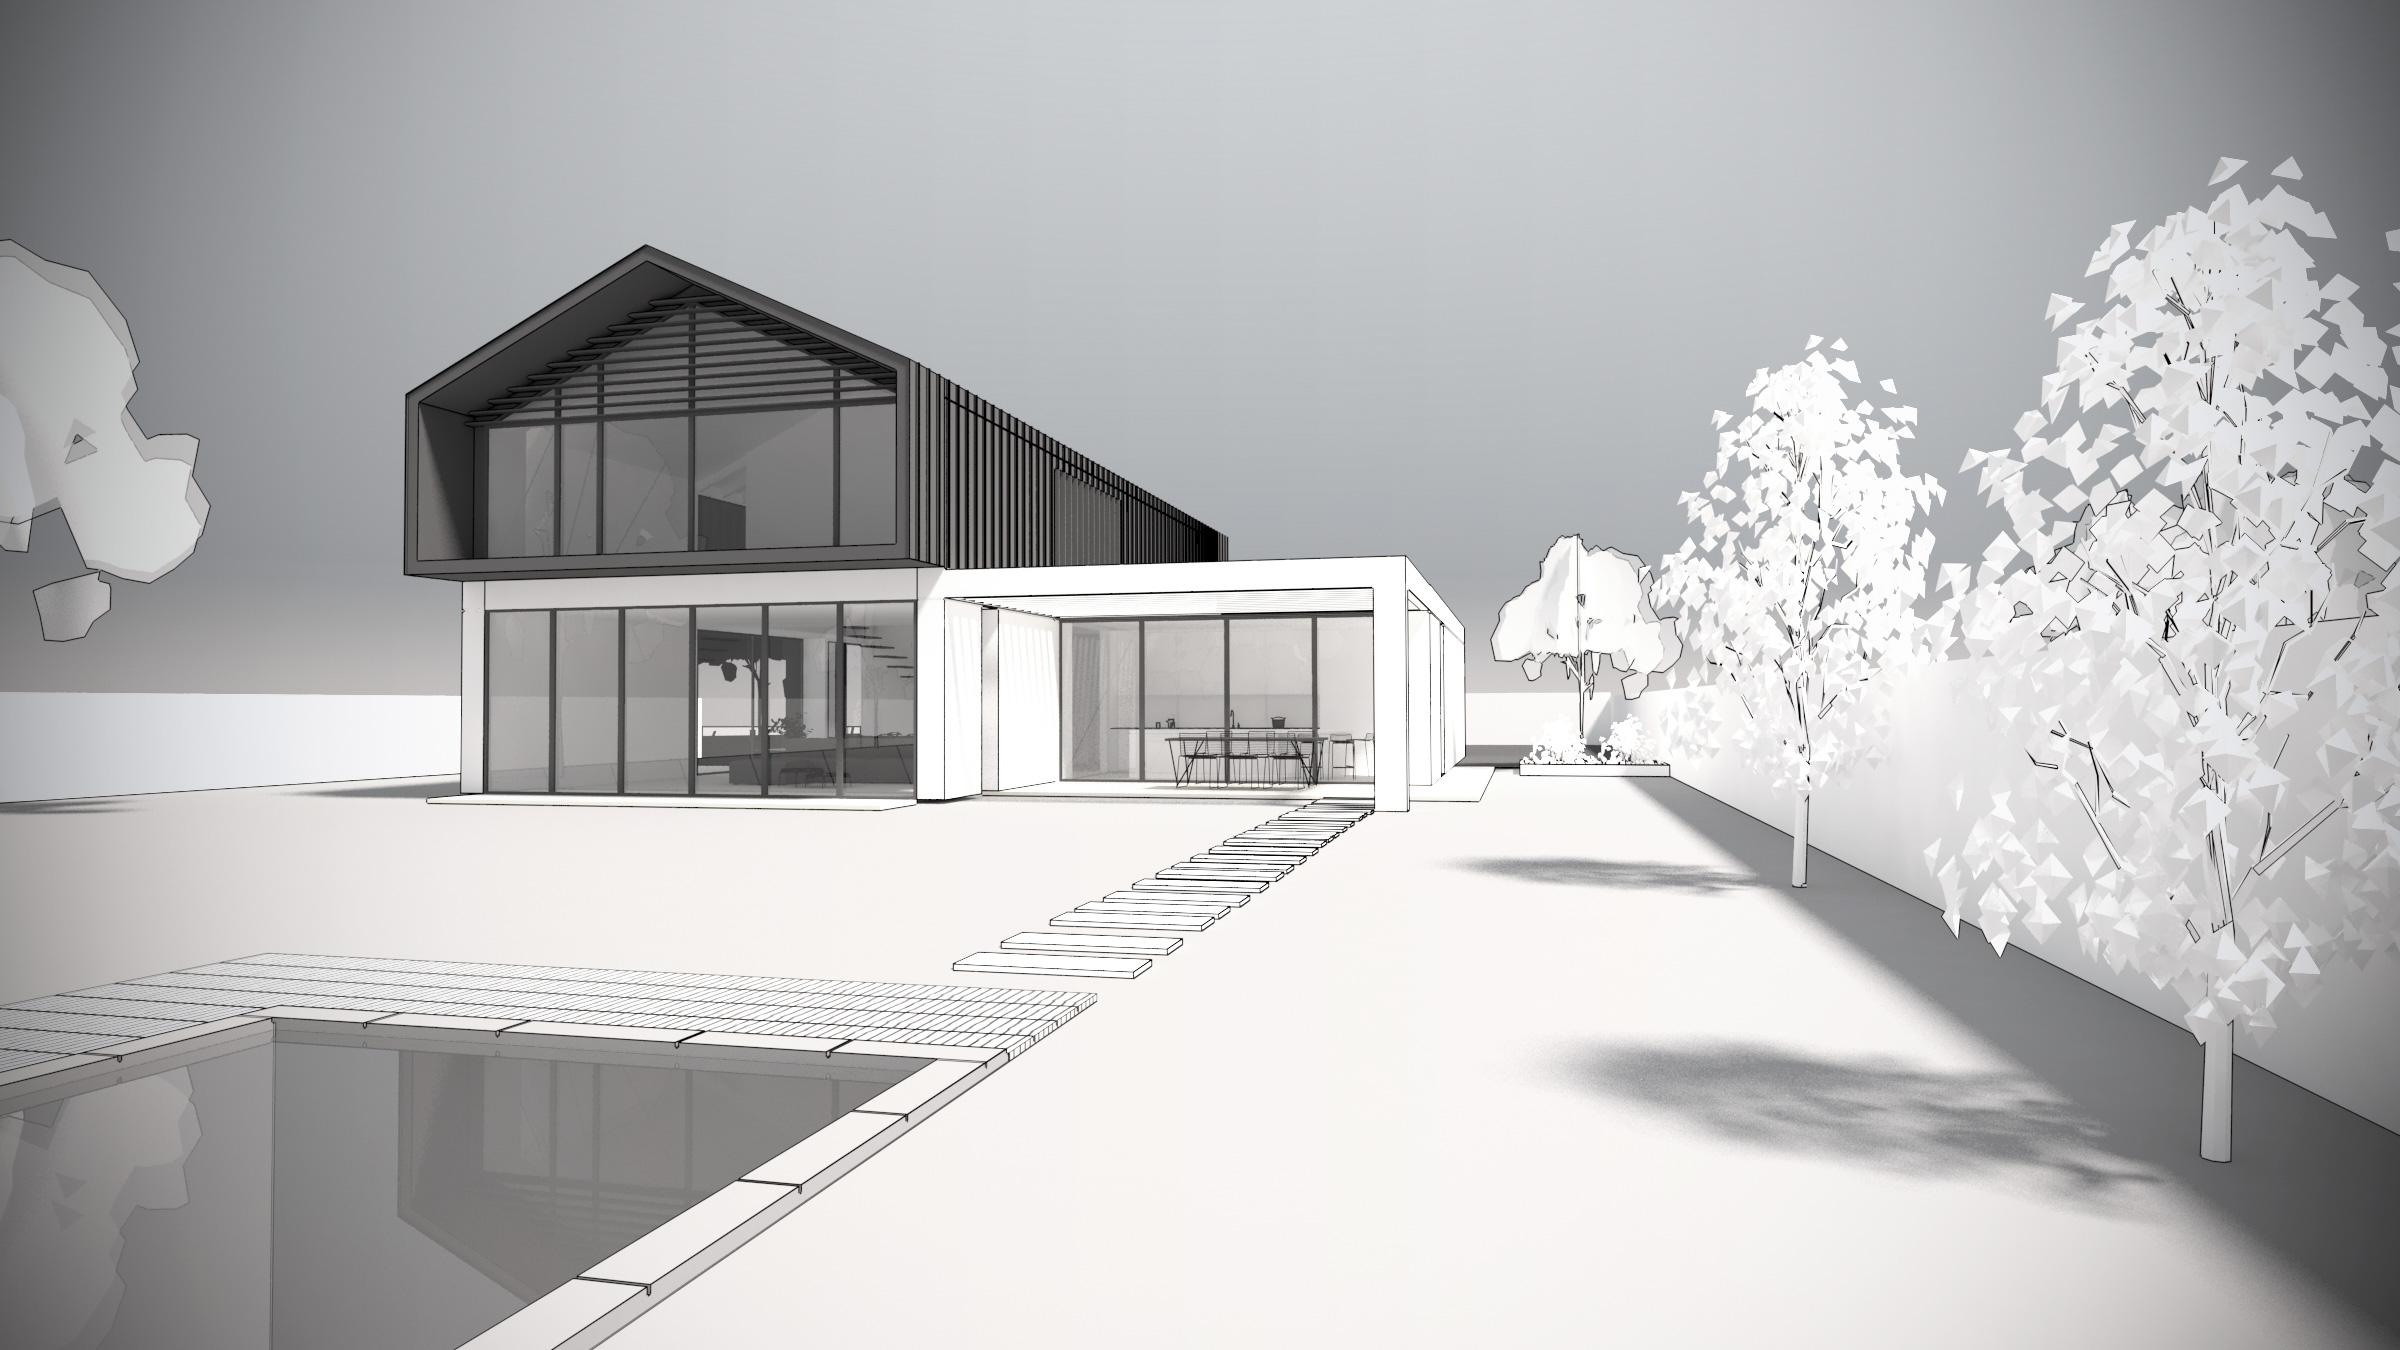 Maison-contemporaine-architecte-Lyon-Exterieur-volumes-simple-bardage-piscine-pergola-baie-vitree-lumiere